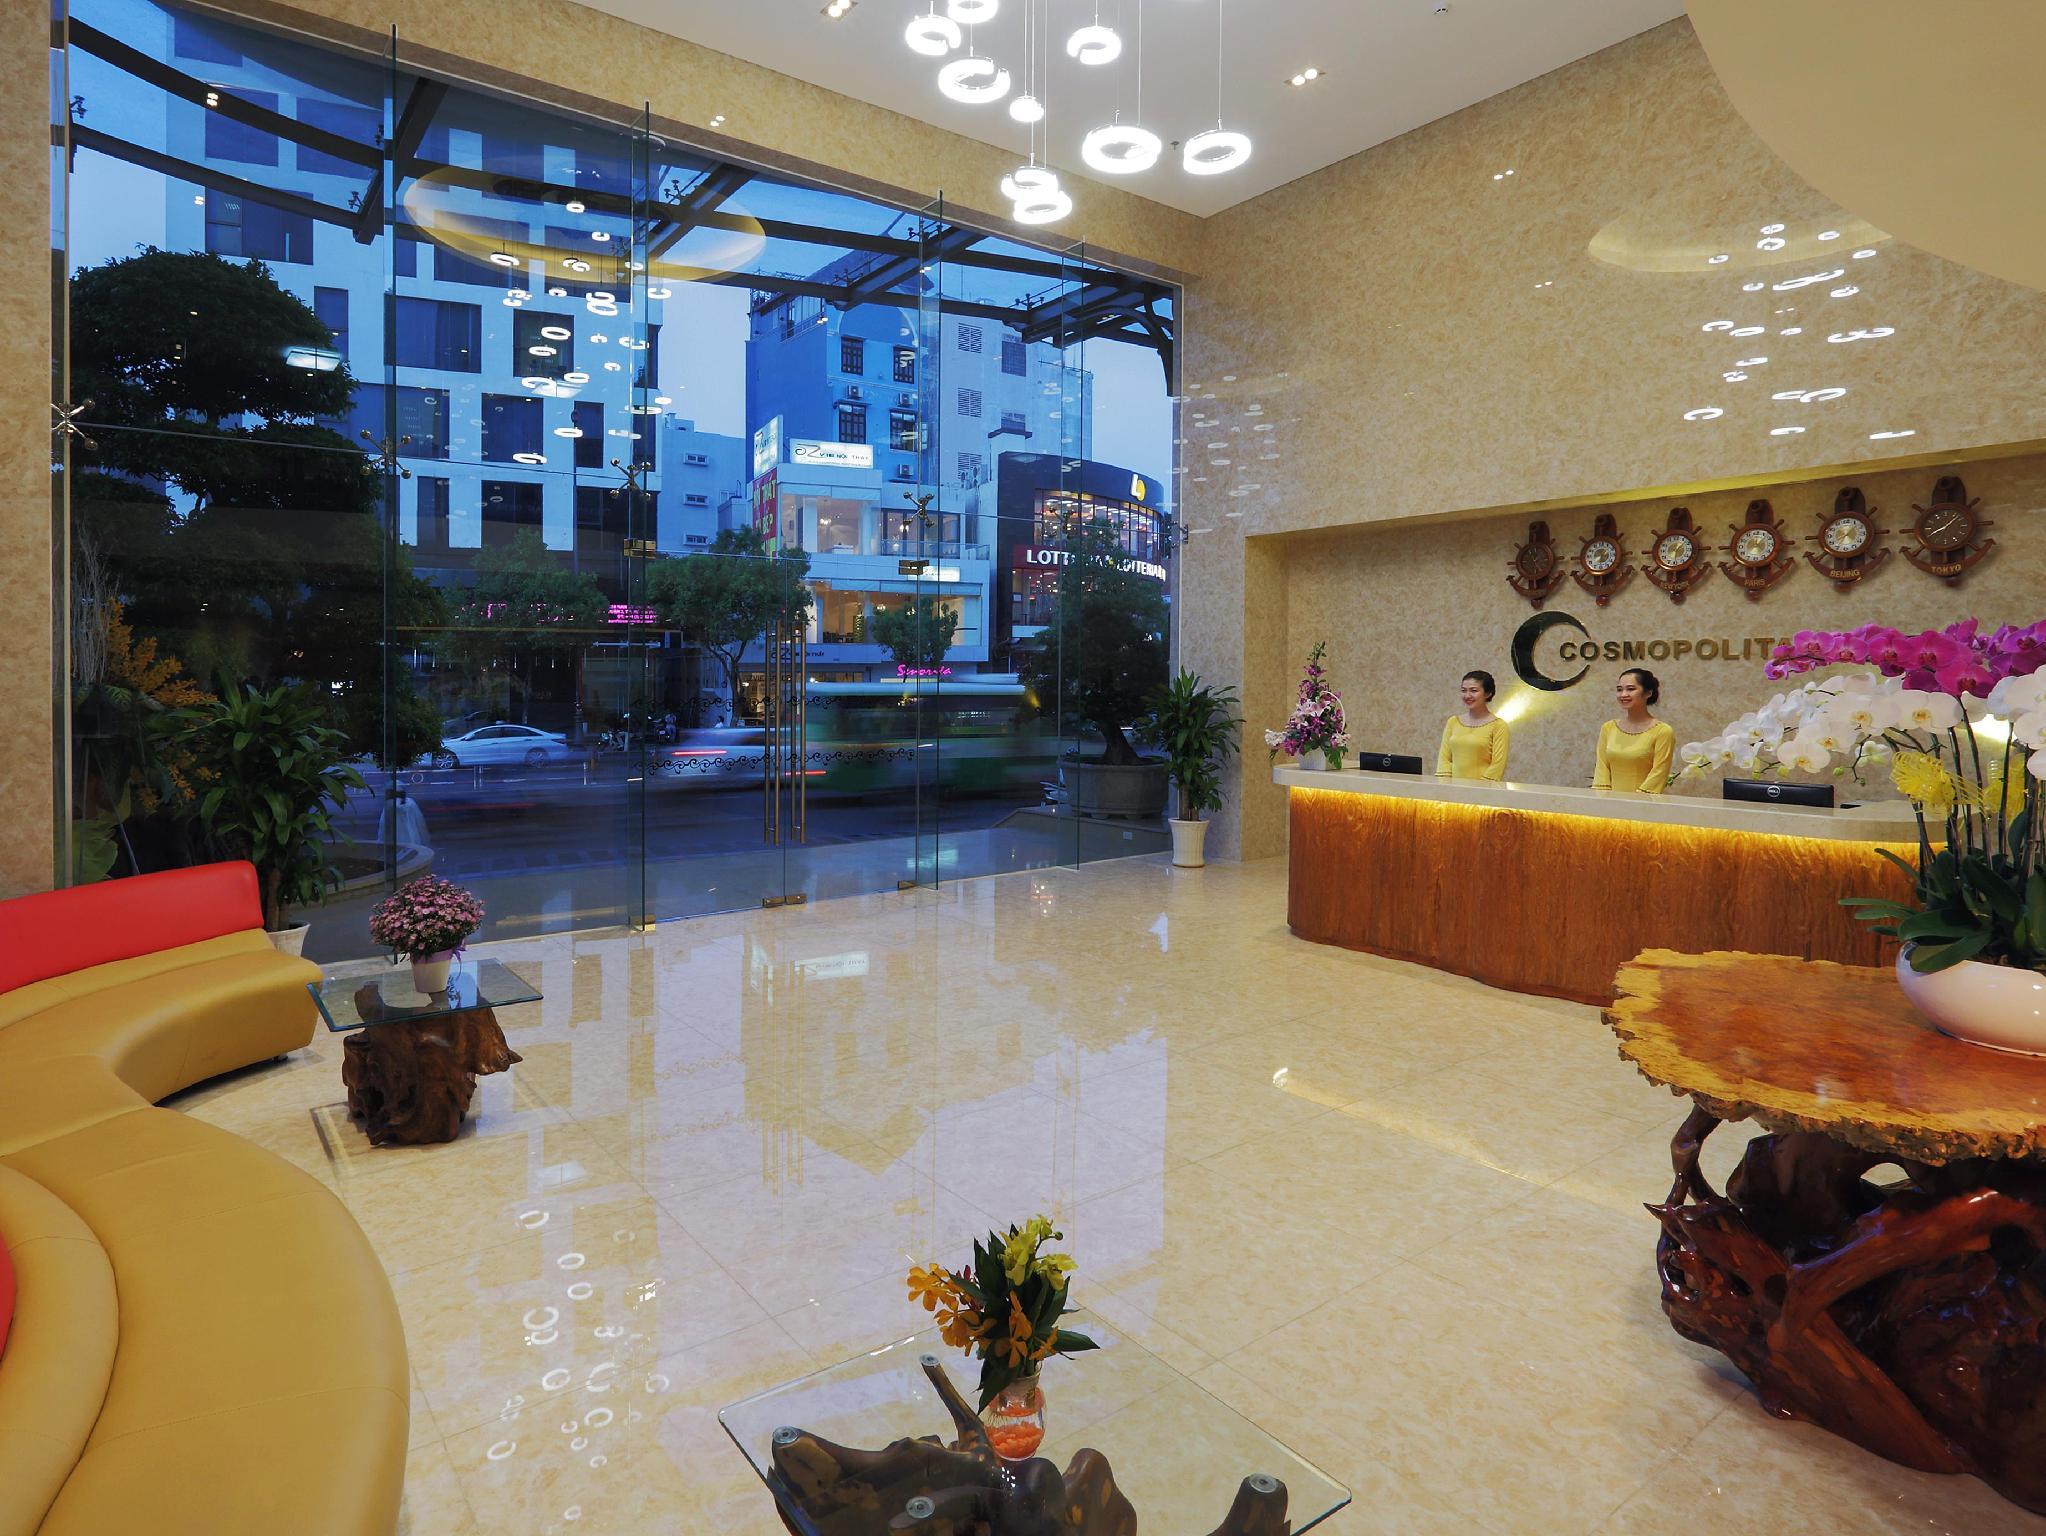 Cosmopolitan Hotel Saigon